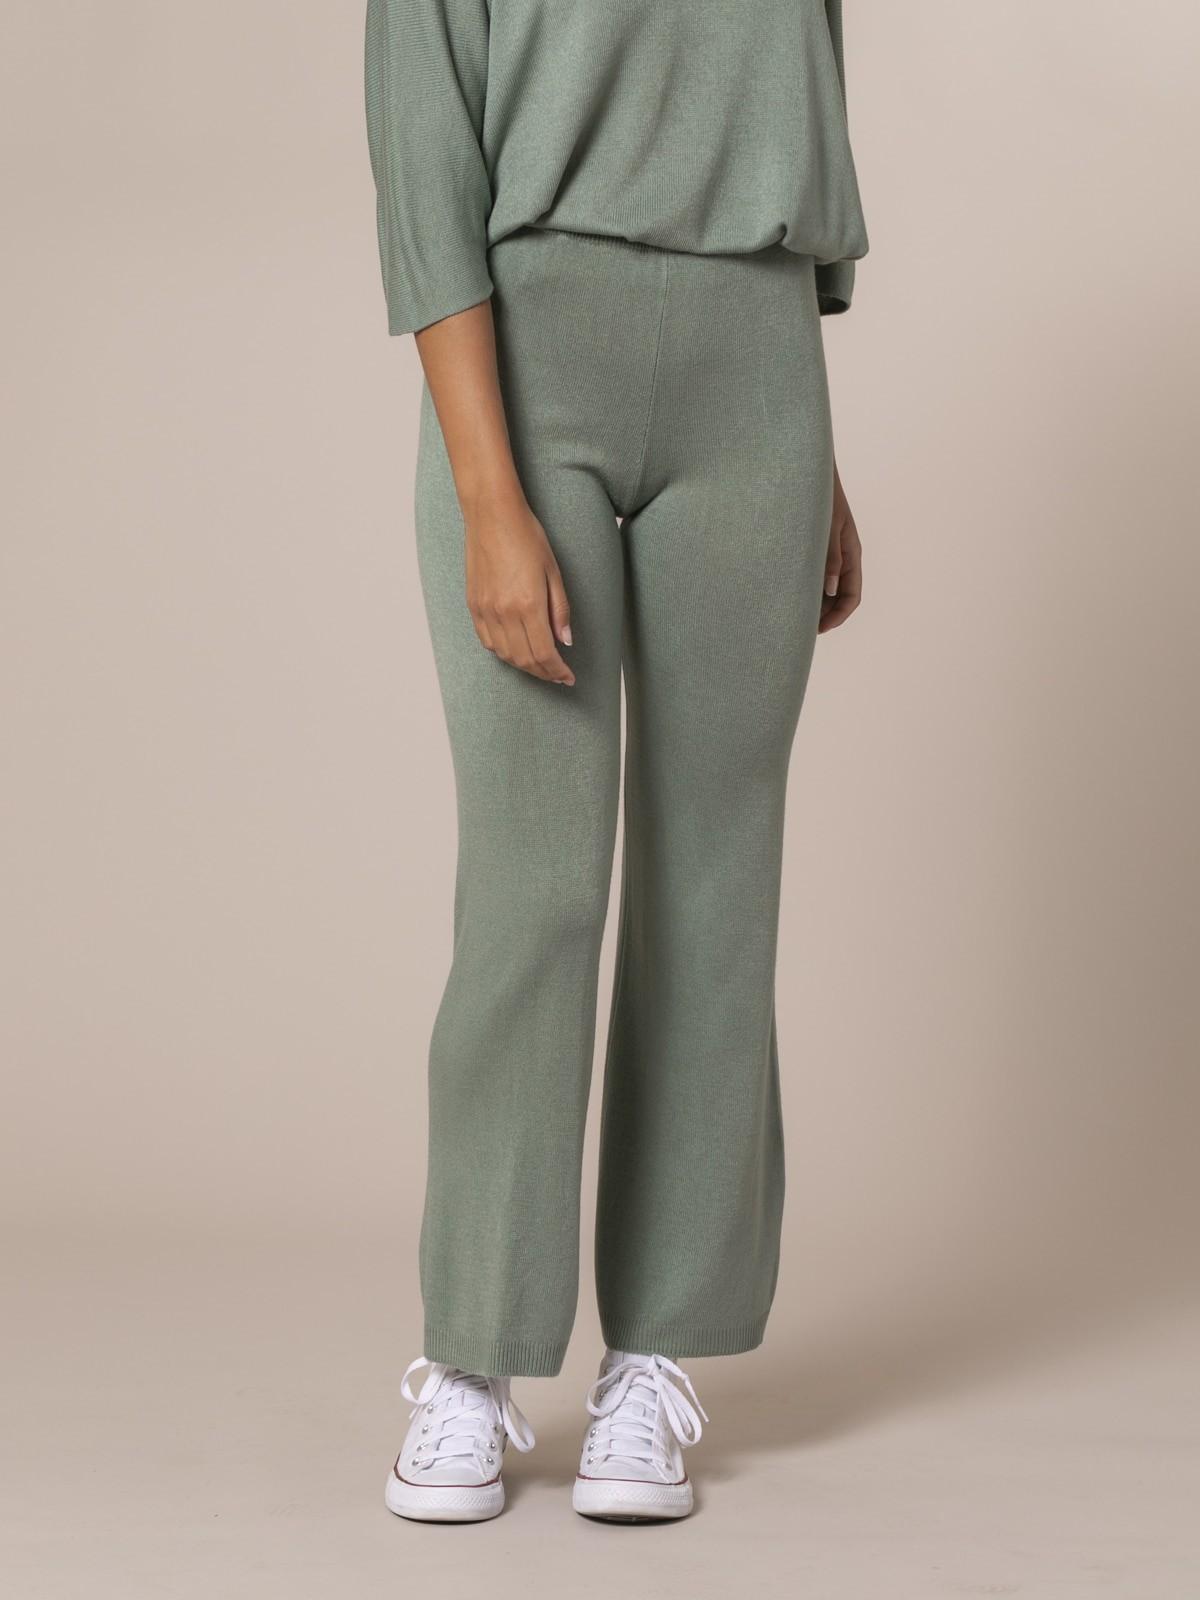 Pantalón mujer de punto Caqui